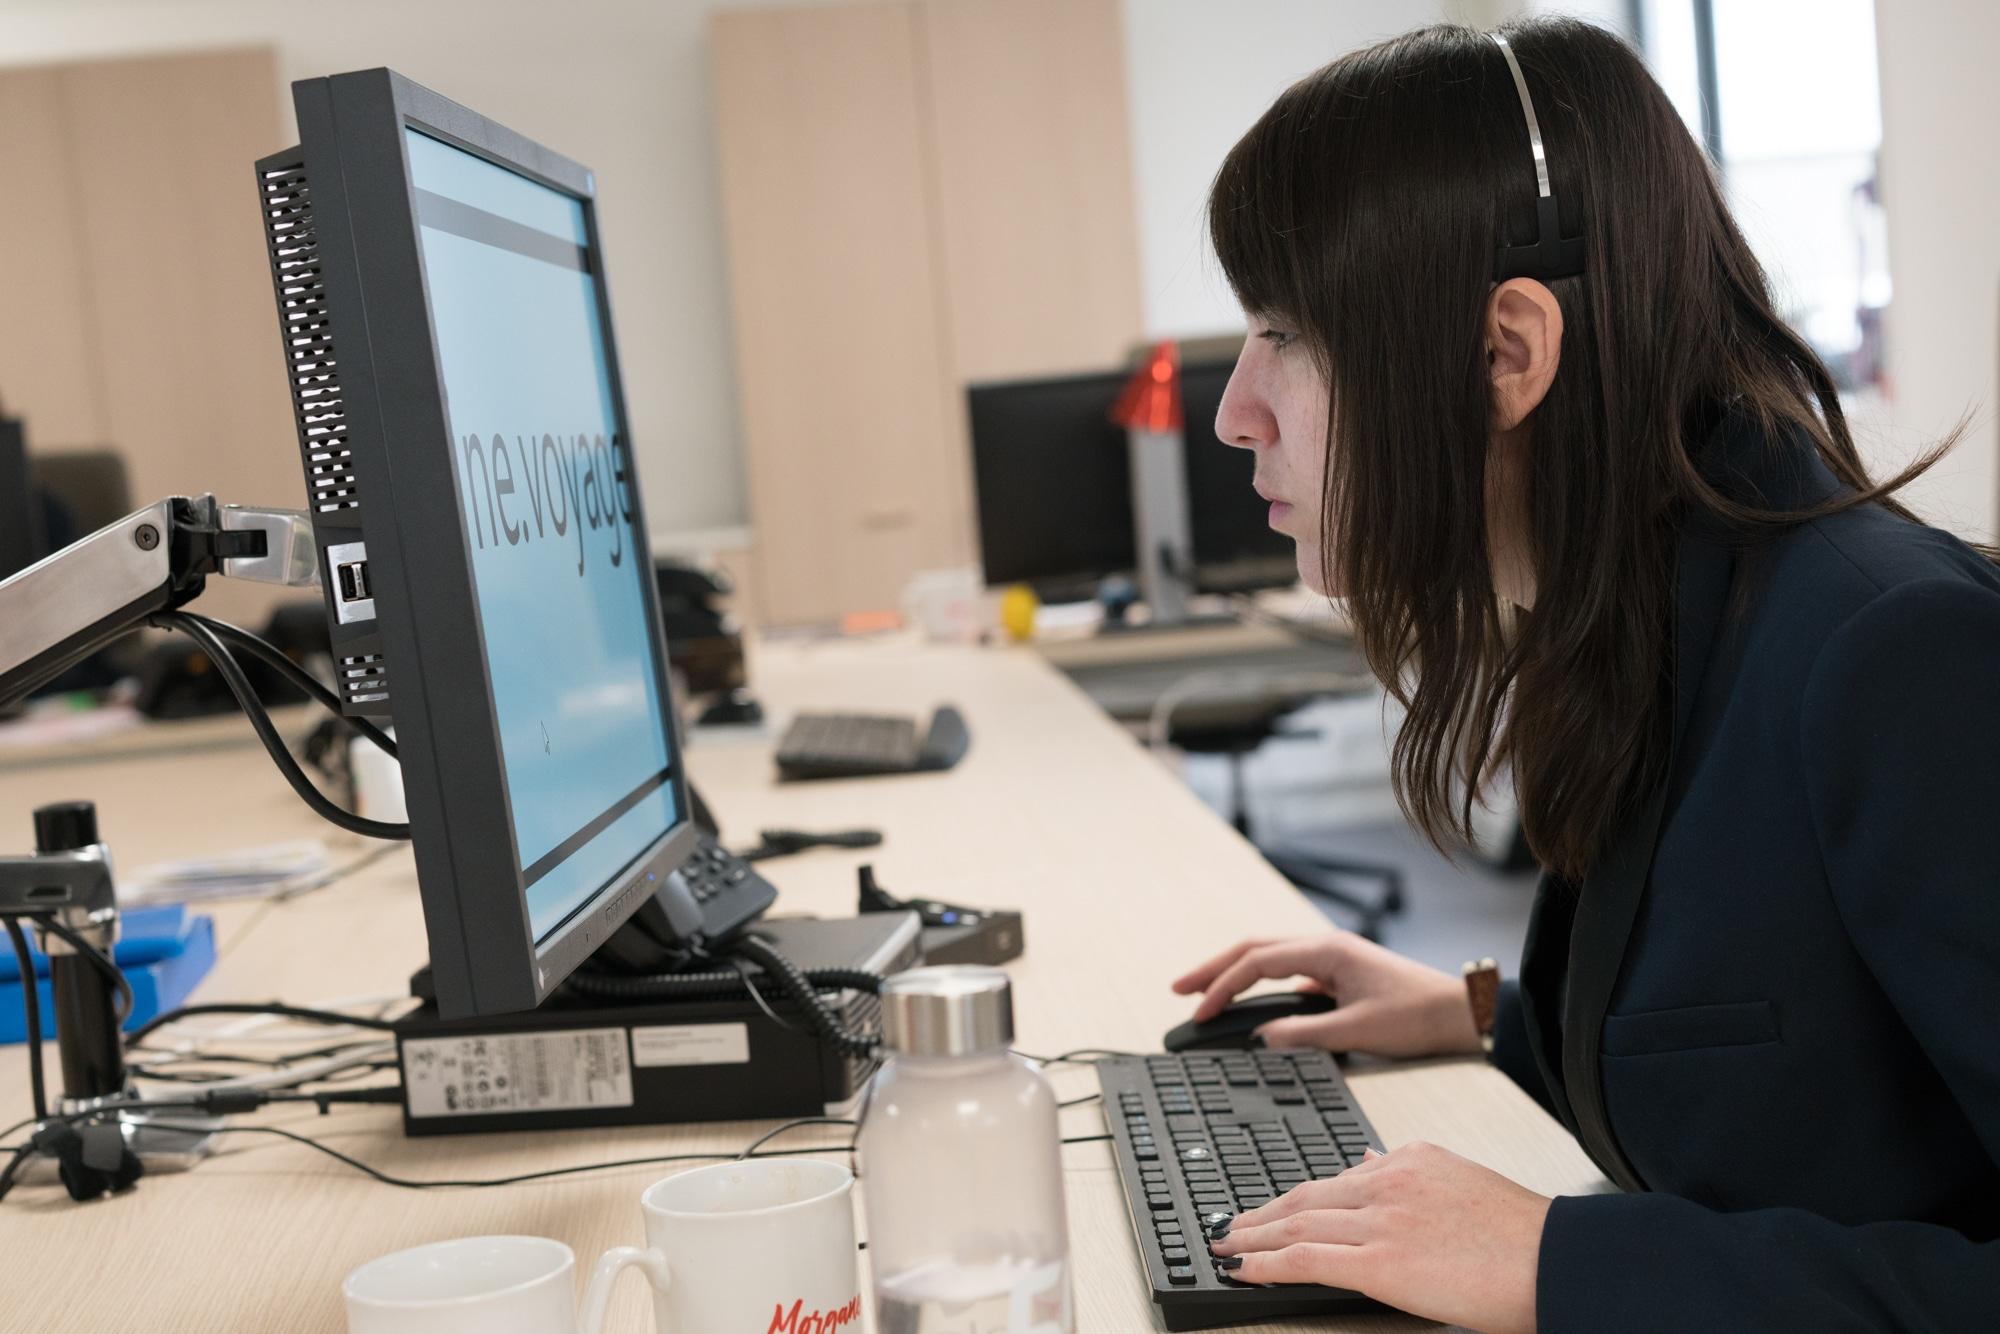 Morgane, de profil, utilise son ordinateur. On peut voir un mot s'afficher en gros à l'écran.